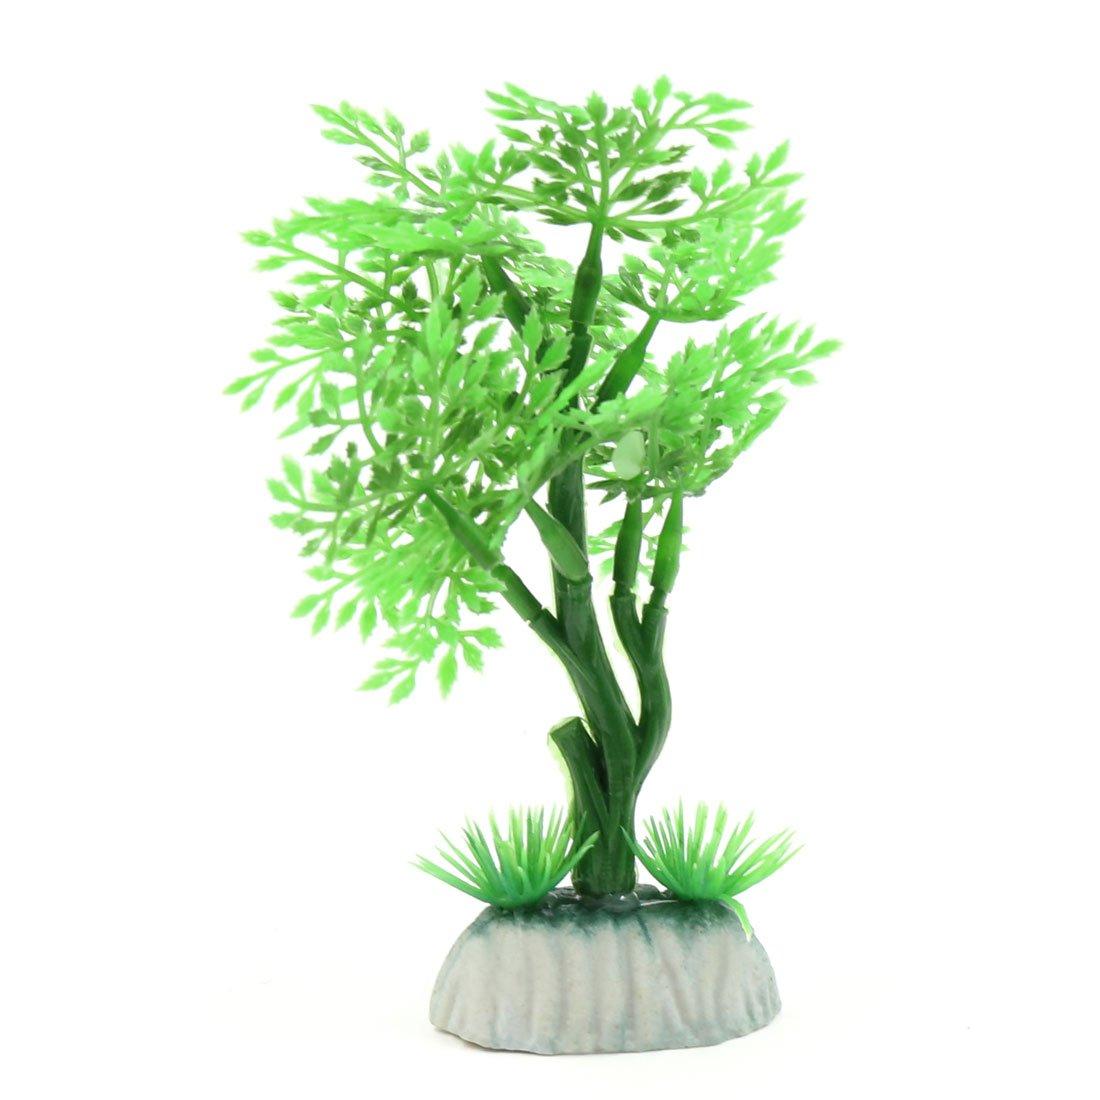 sourcing map Verde Decoración Plástica Verde del Hogar Ornamento del Acuario Cuenco de Peces de La Planta para la Pecera Pequeña: Amazon.es: Productos para ...